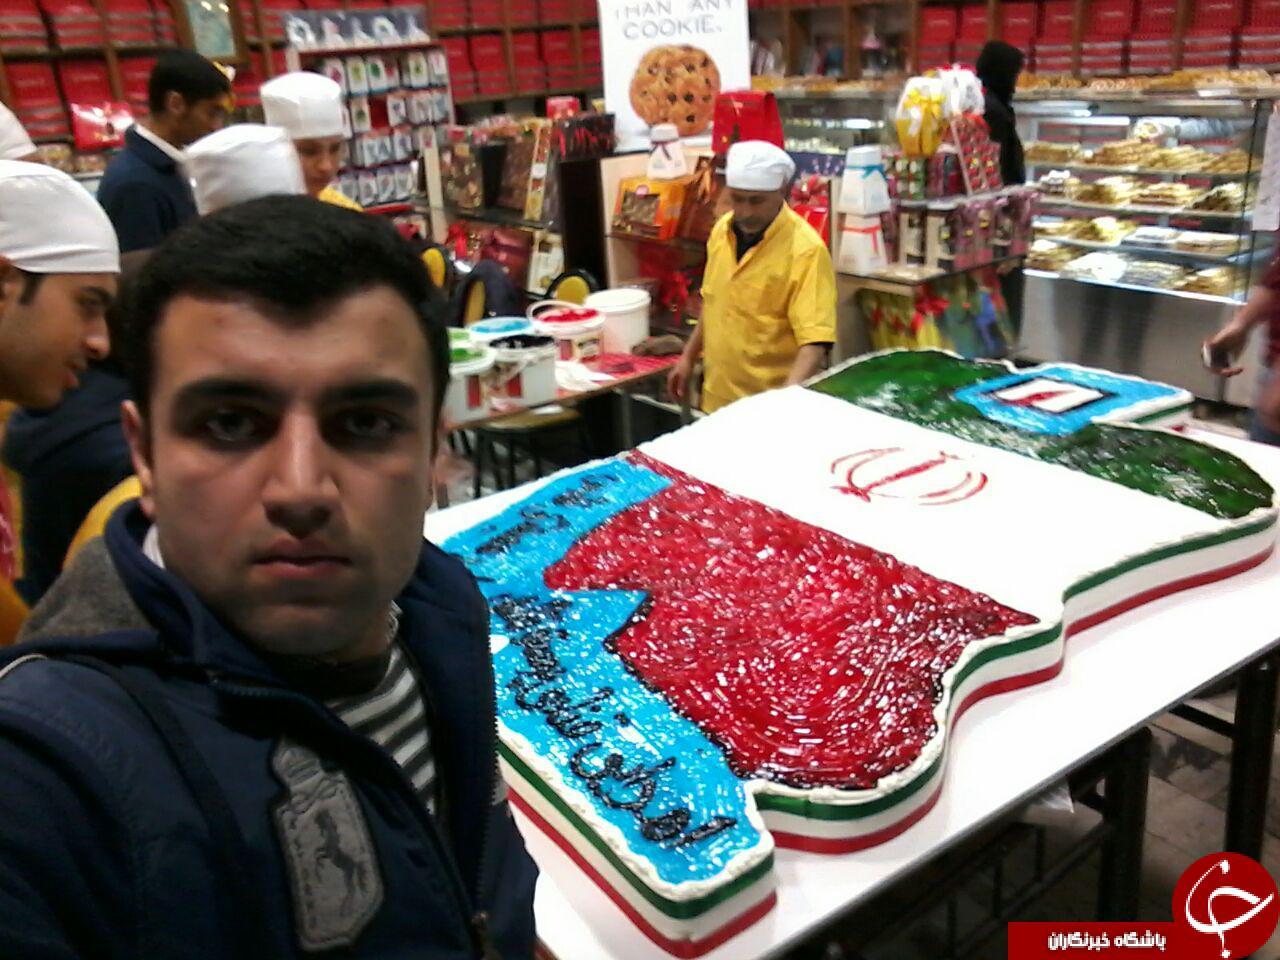 پخت کیک ۱۵۰ کیلویی به مناسبت سالگرد پیروزی انقلاب اسلامی + تصاویر